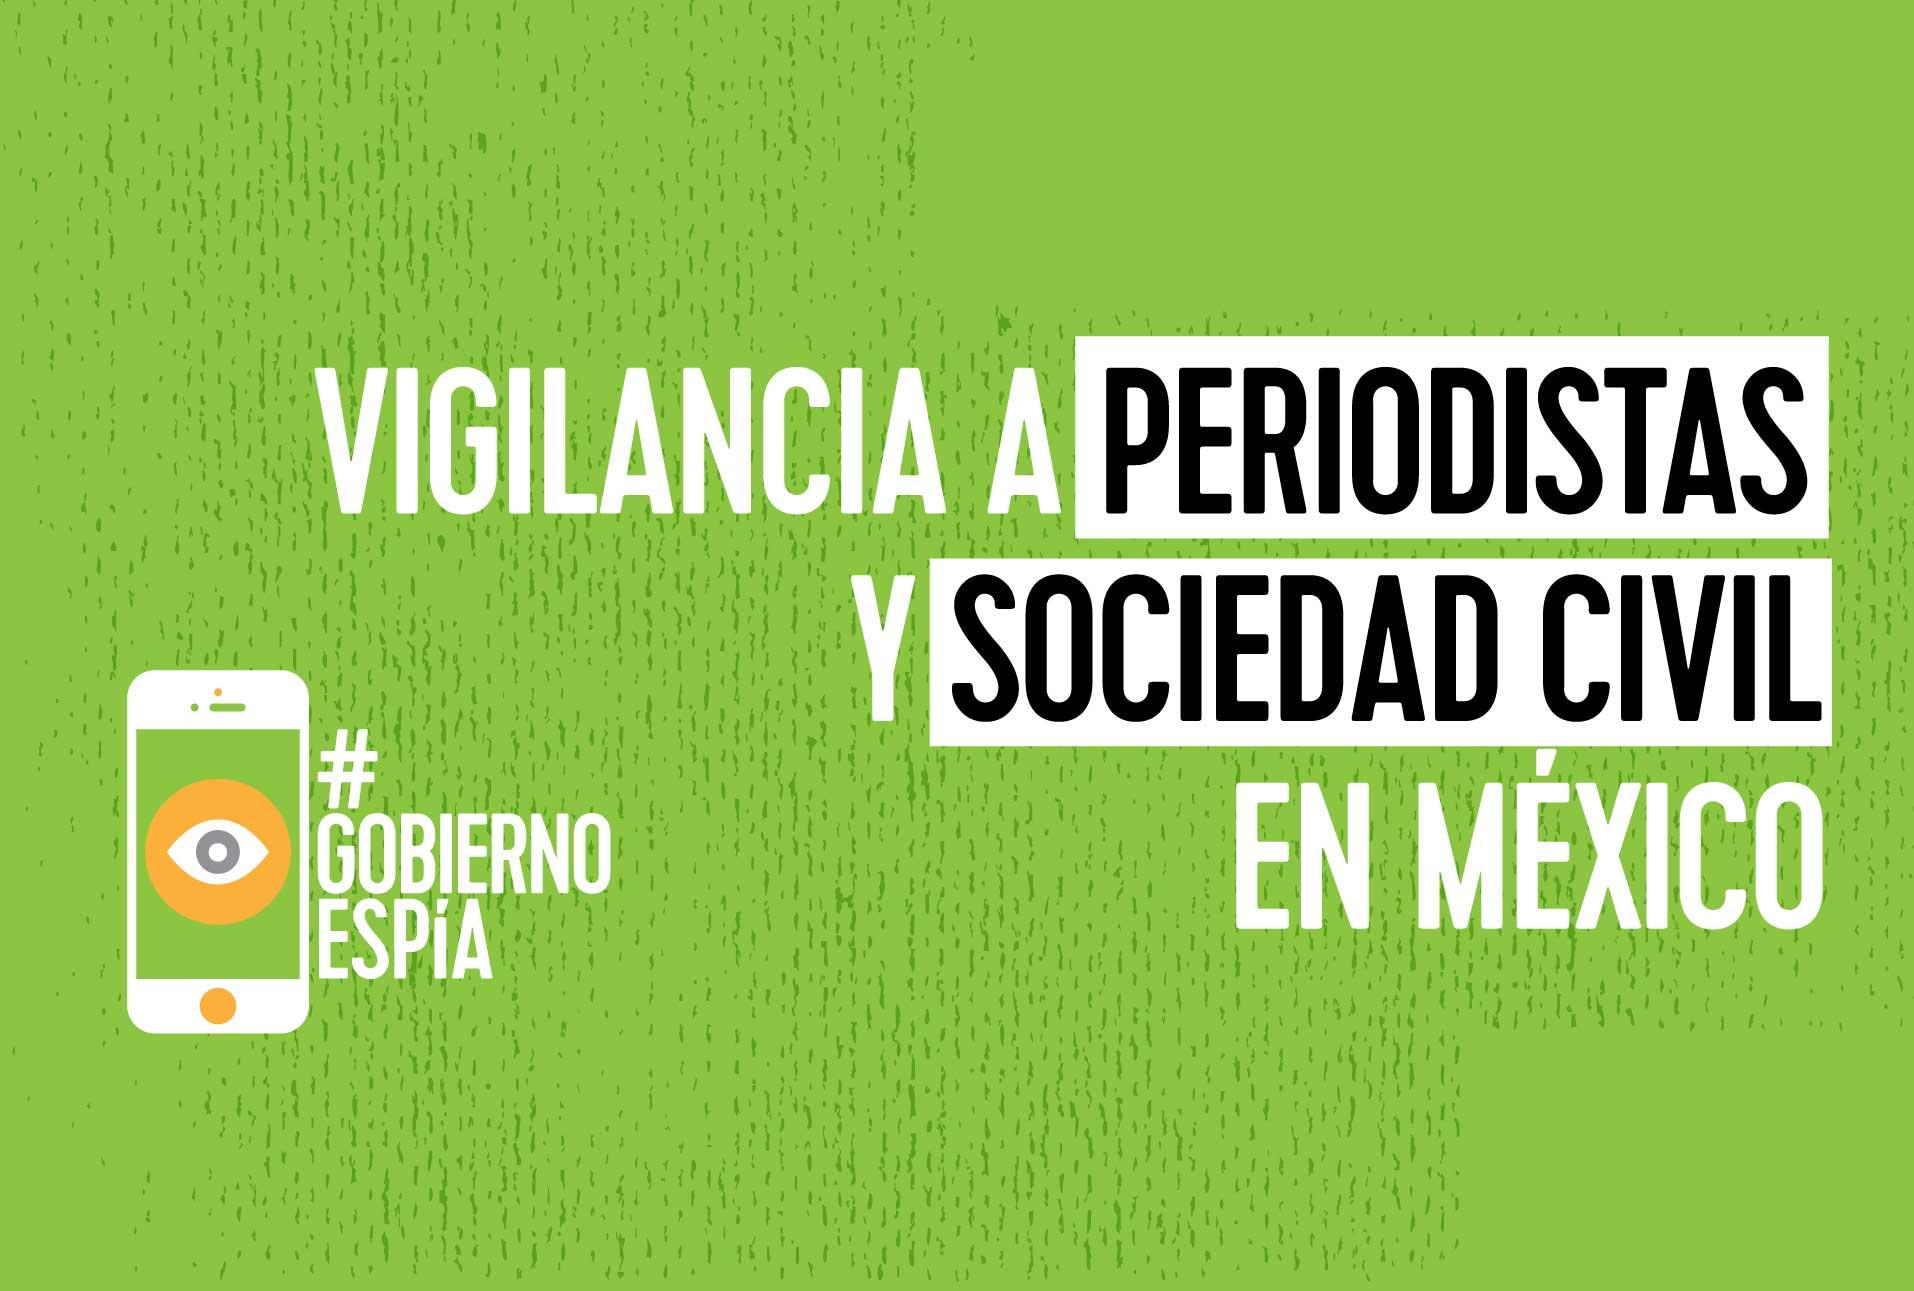 Gobierno Espía: La vigilancia sistemática en contra de periodistas y defensores de derechos humanos en México